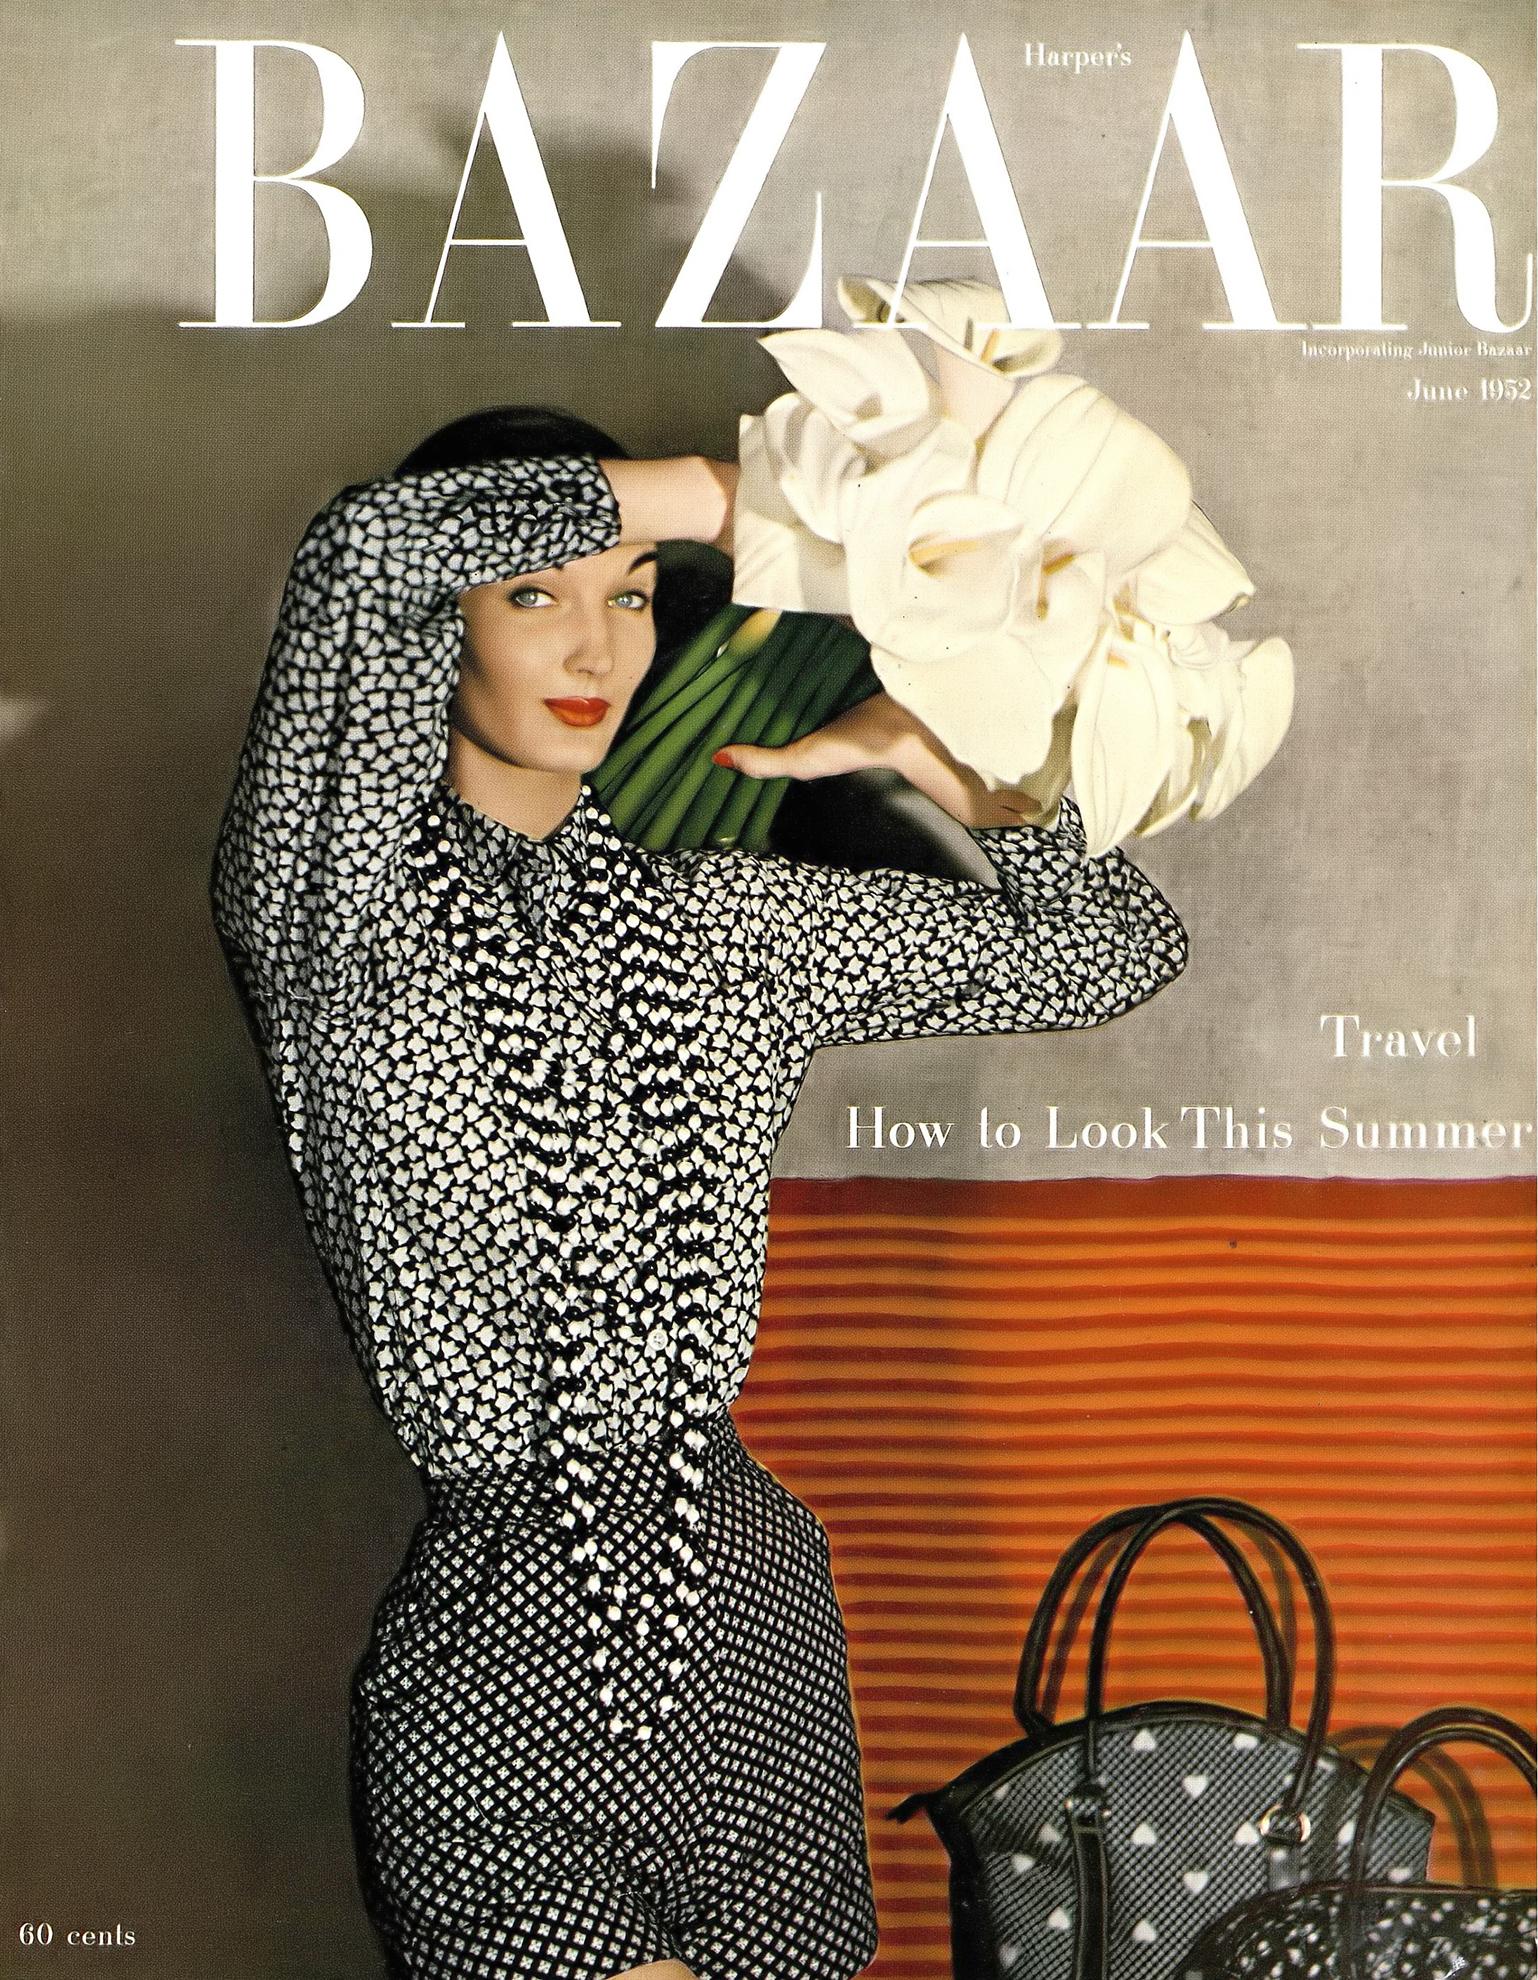 Fotó: Louise Dahl-Wolfe: Harper's Bazaar, June 1952 © Louise Dahl-Wolfe Archive